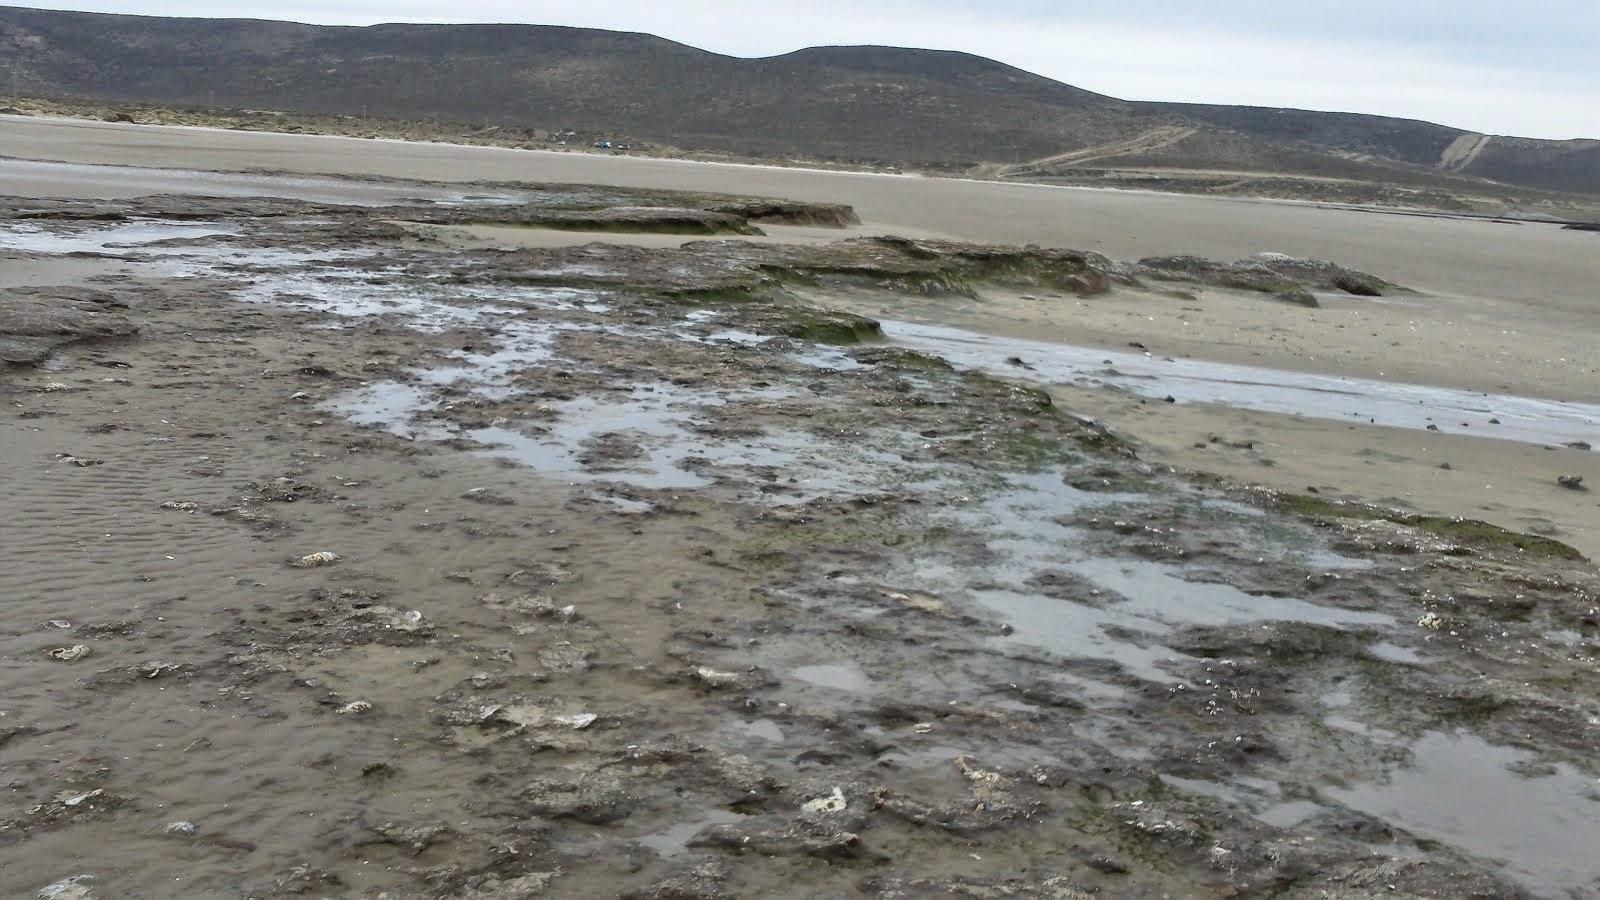 Zona costera donde se obtienen las algas